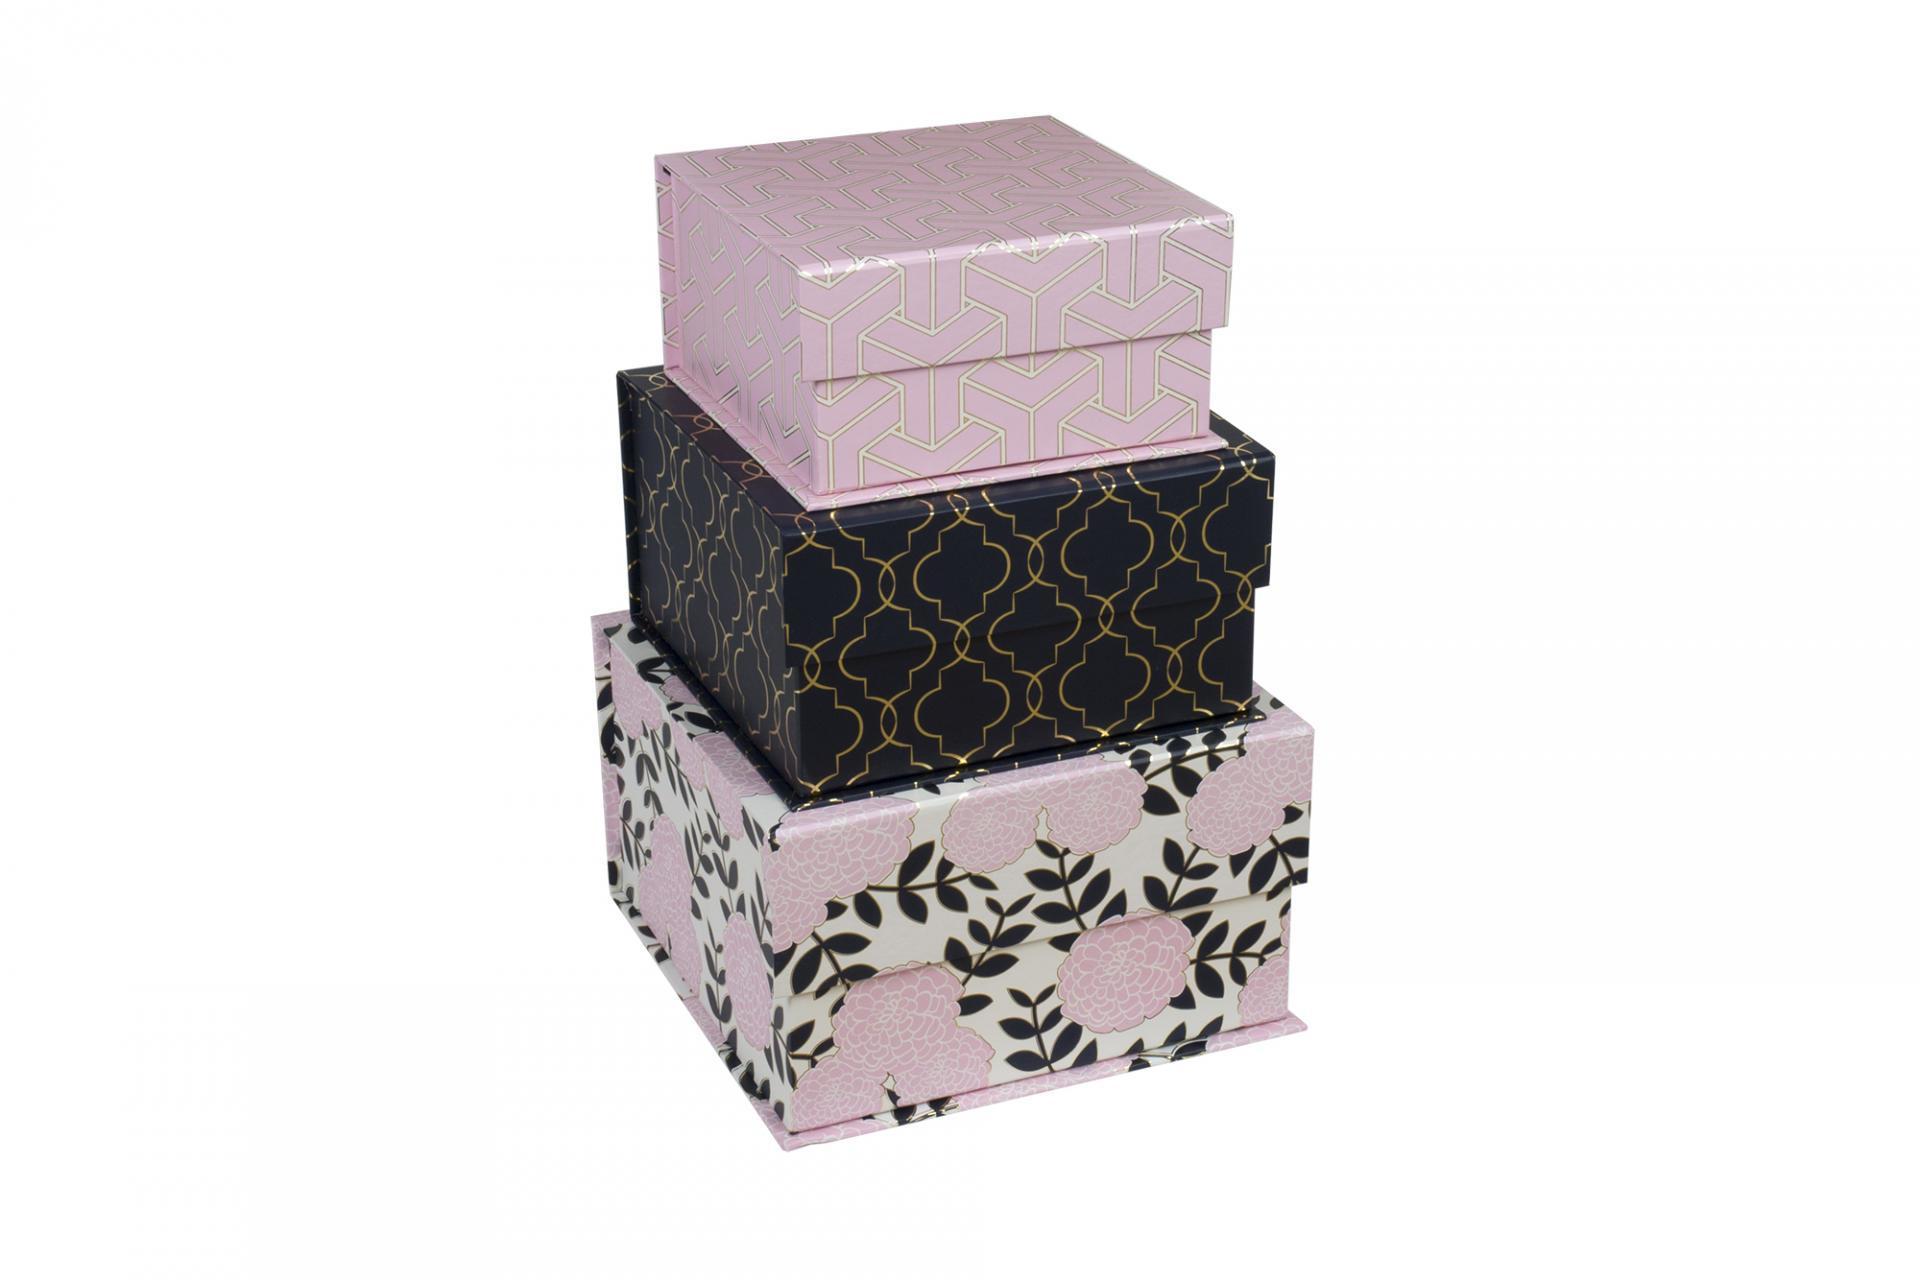 TRI-COASTAL DESIGN Papírový box Adrienne Velikost S, růžová barva, modrá barva, papír